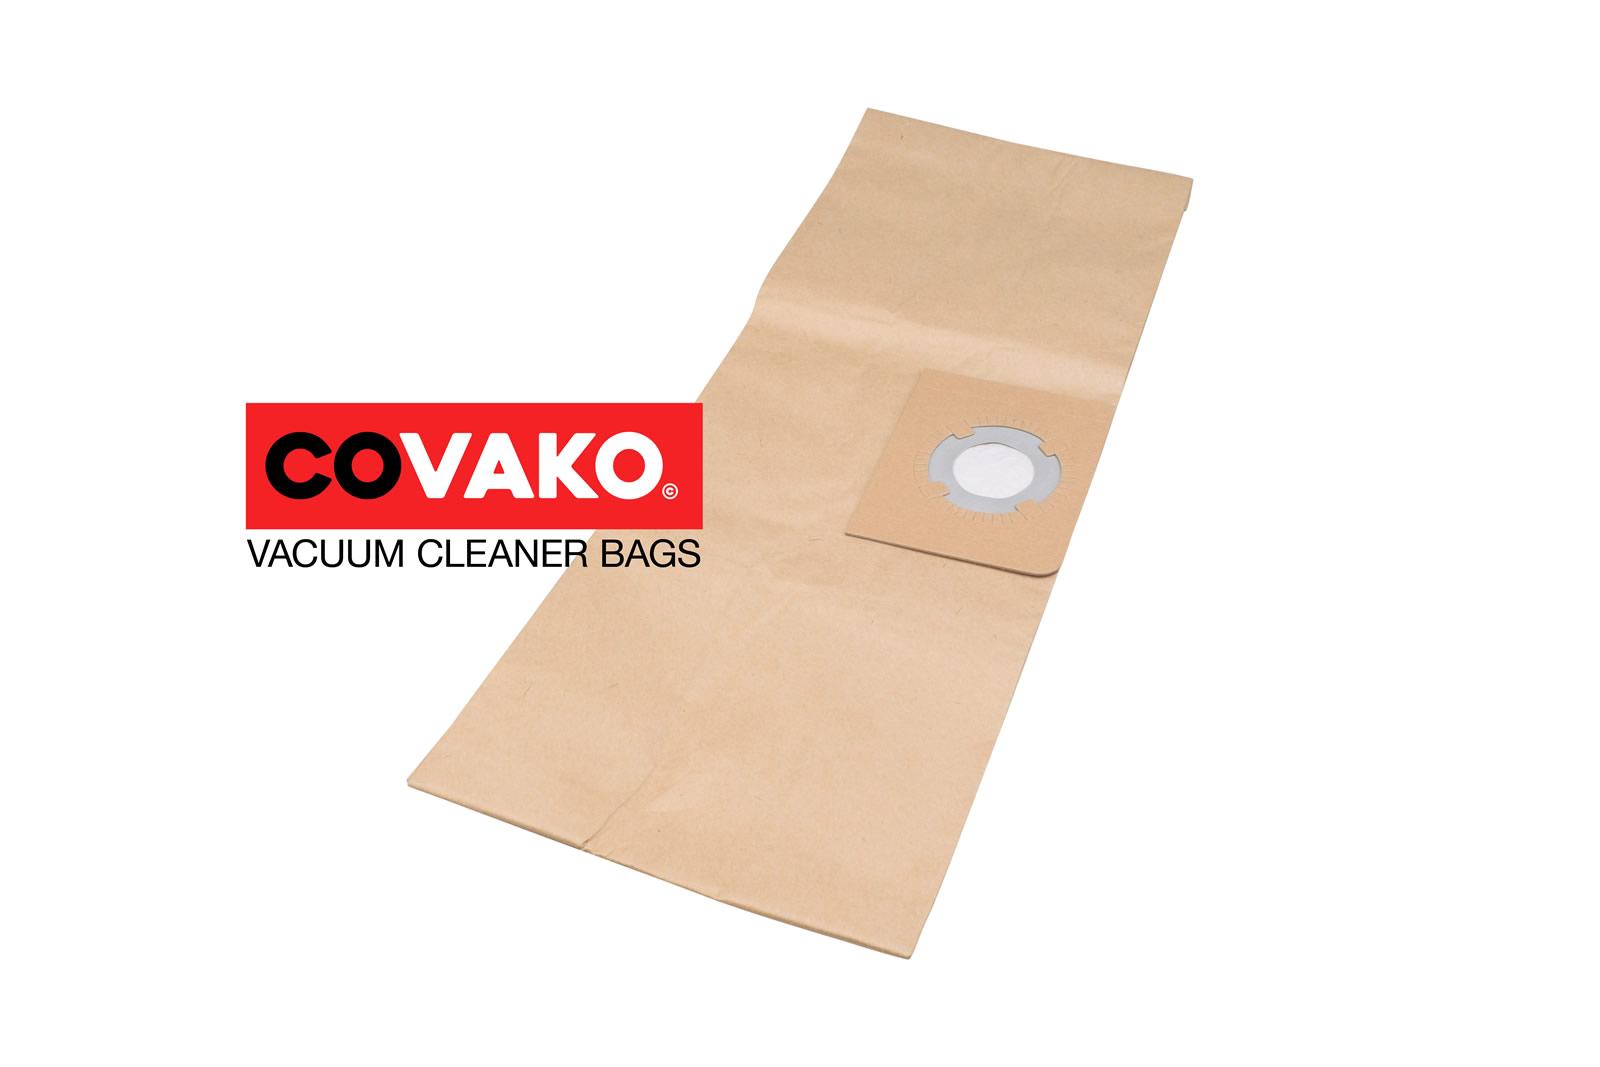 Stihl SE 61 / Paper - Stihl vacuum cleaner bags